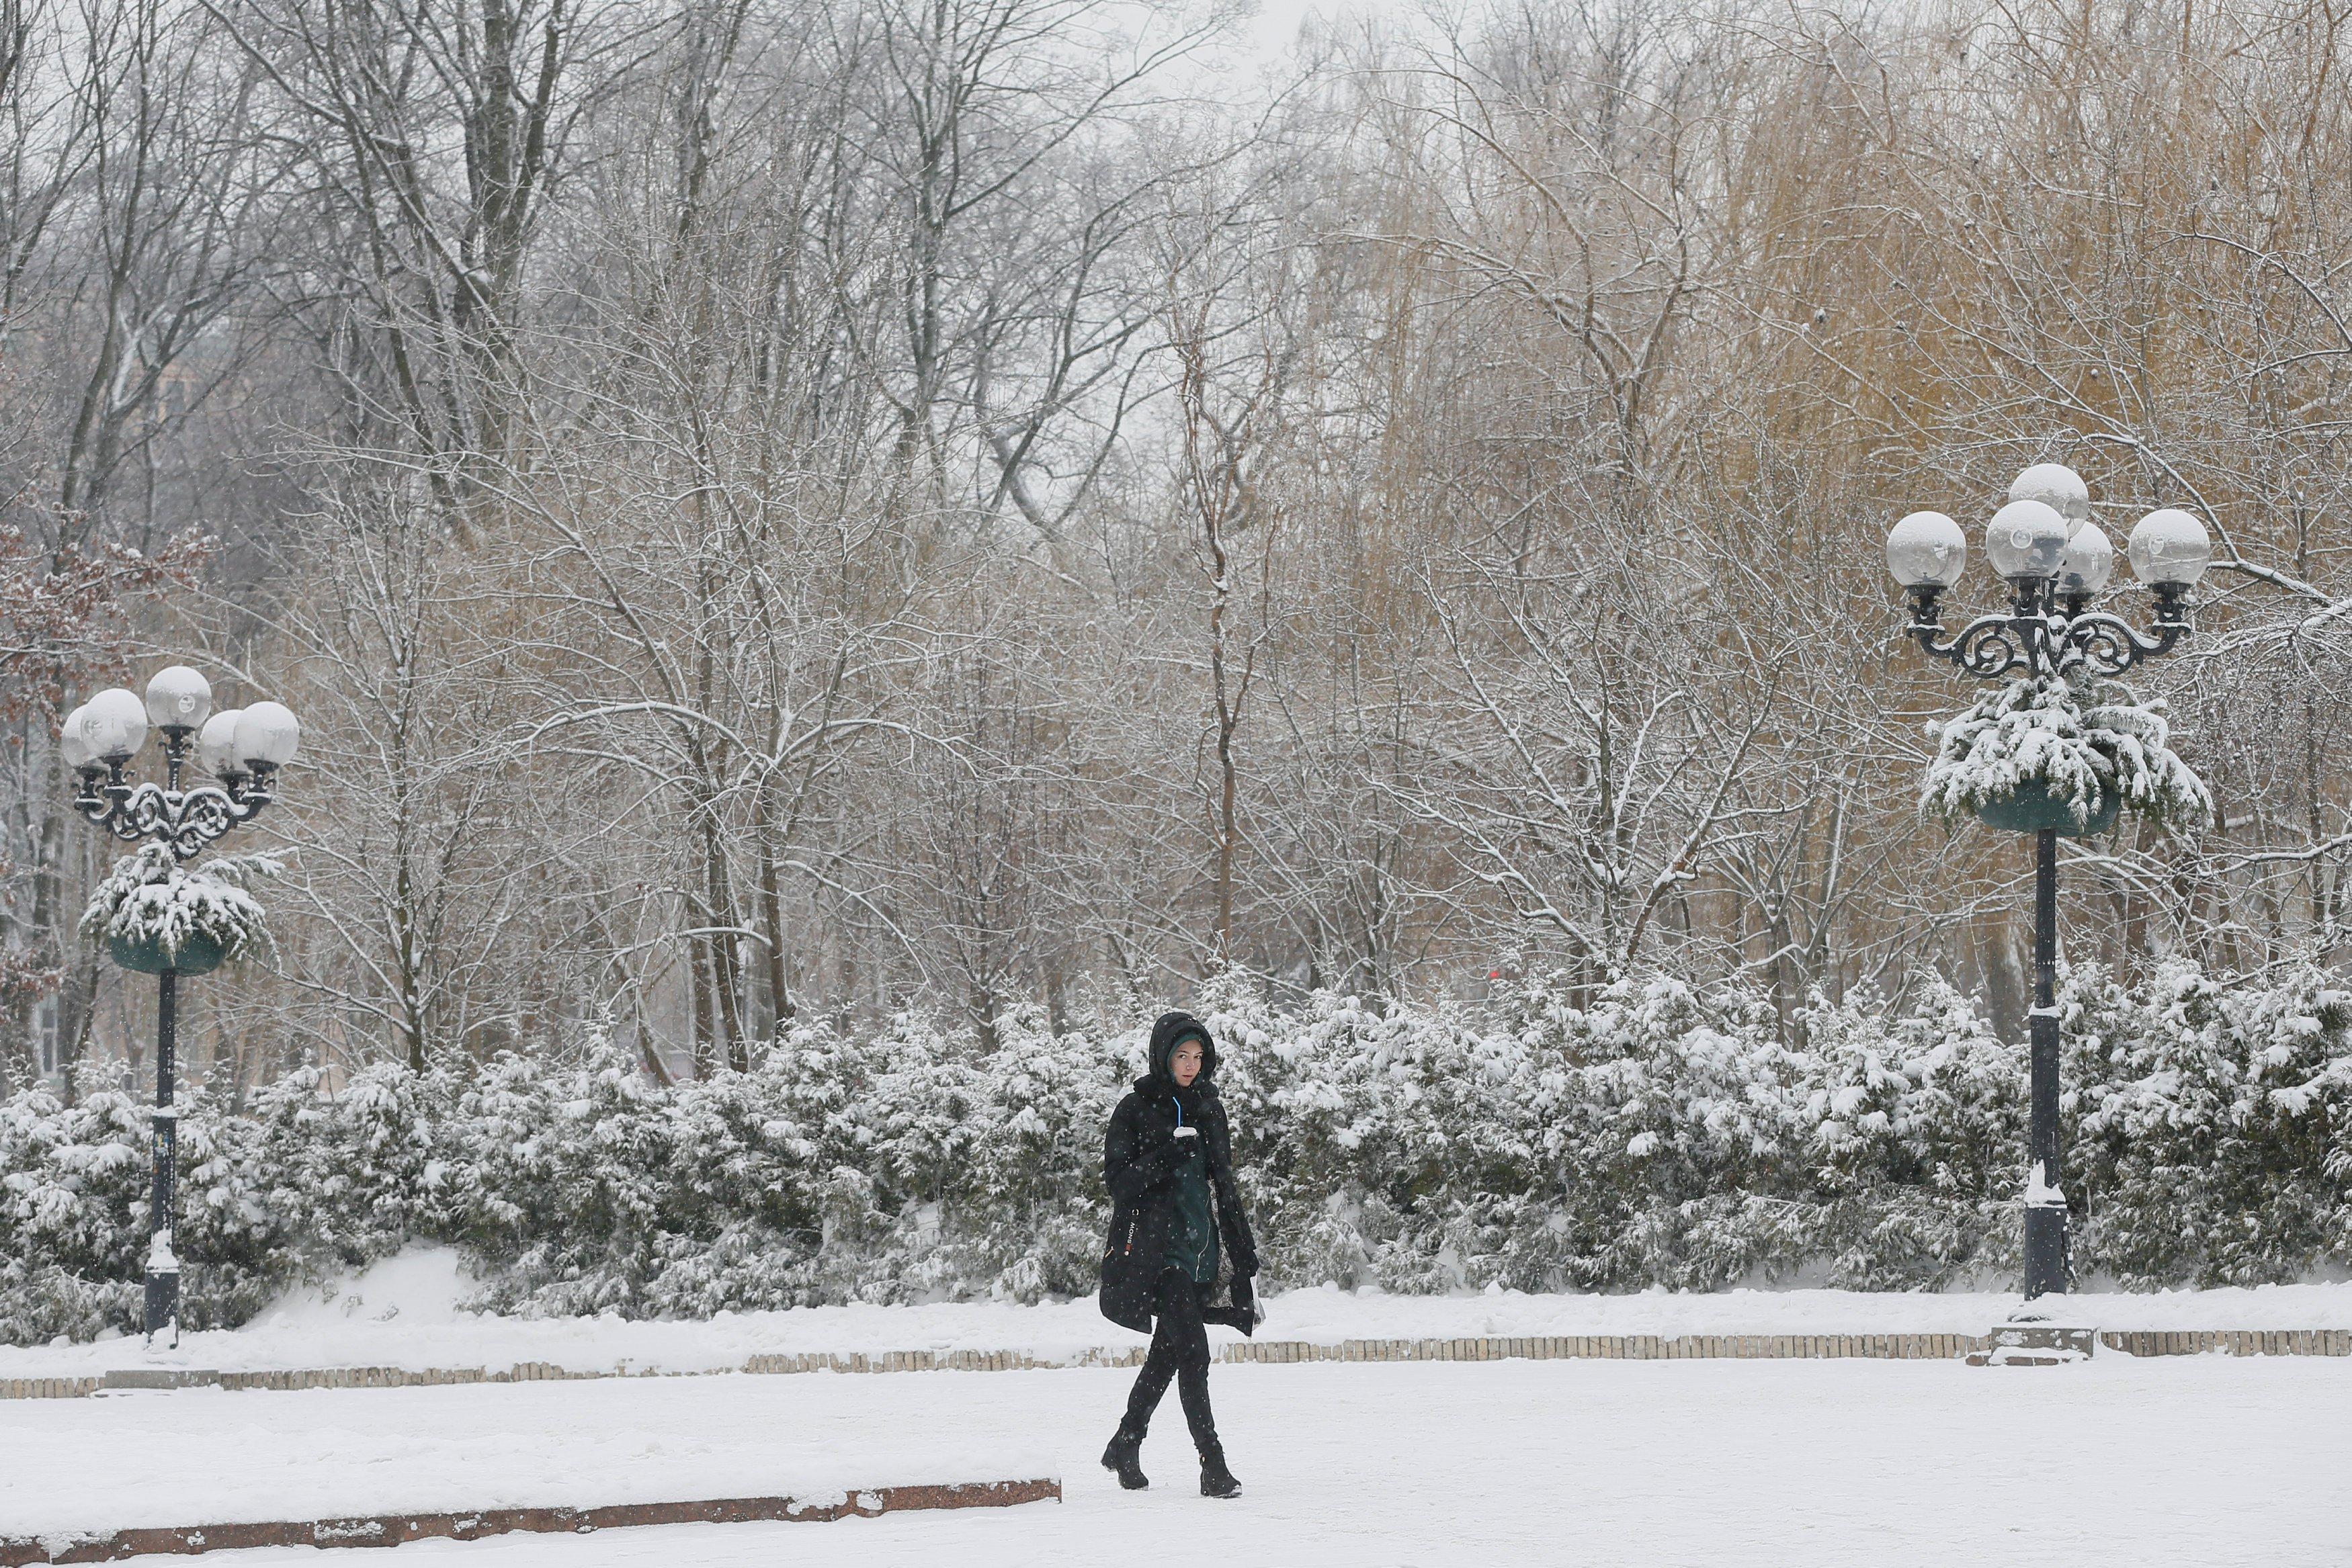 Народный синоптик спрогнозировал, что в Украине будущая зима не будет суровой